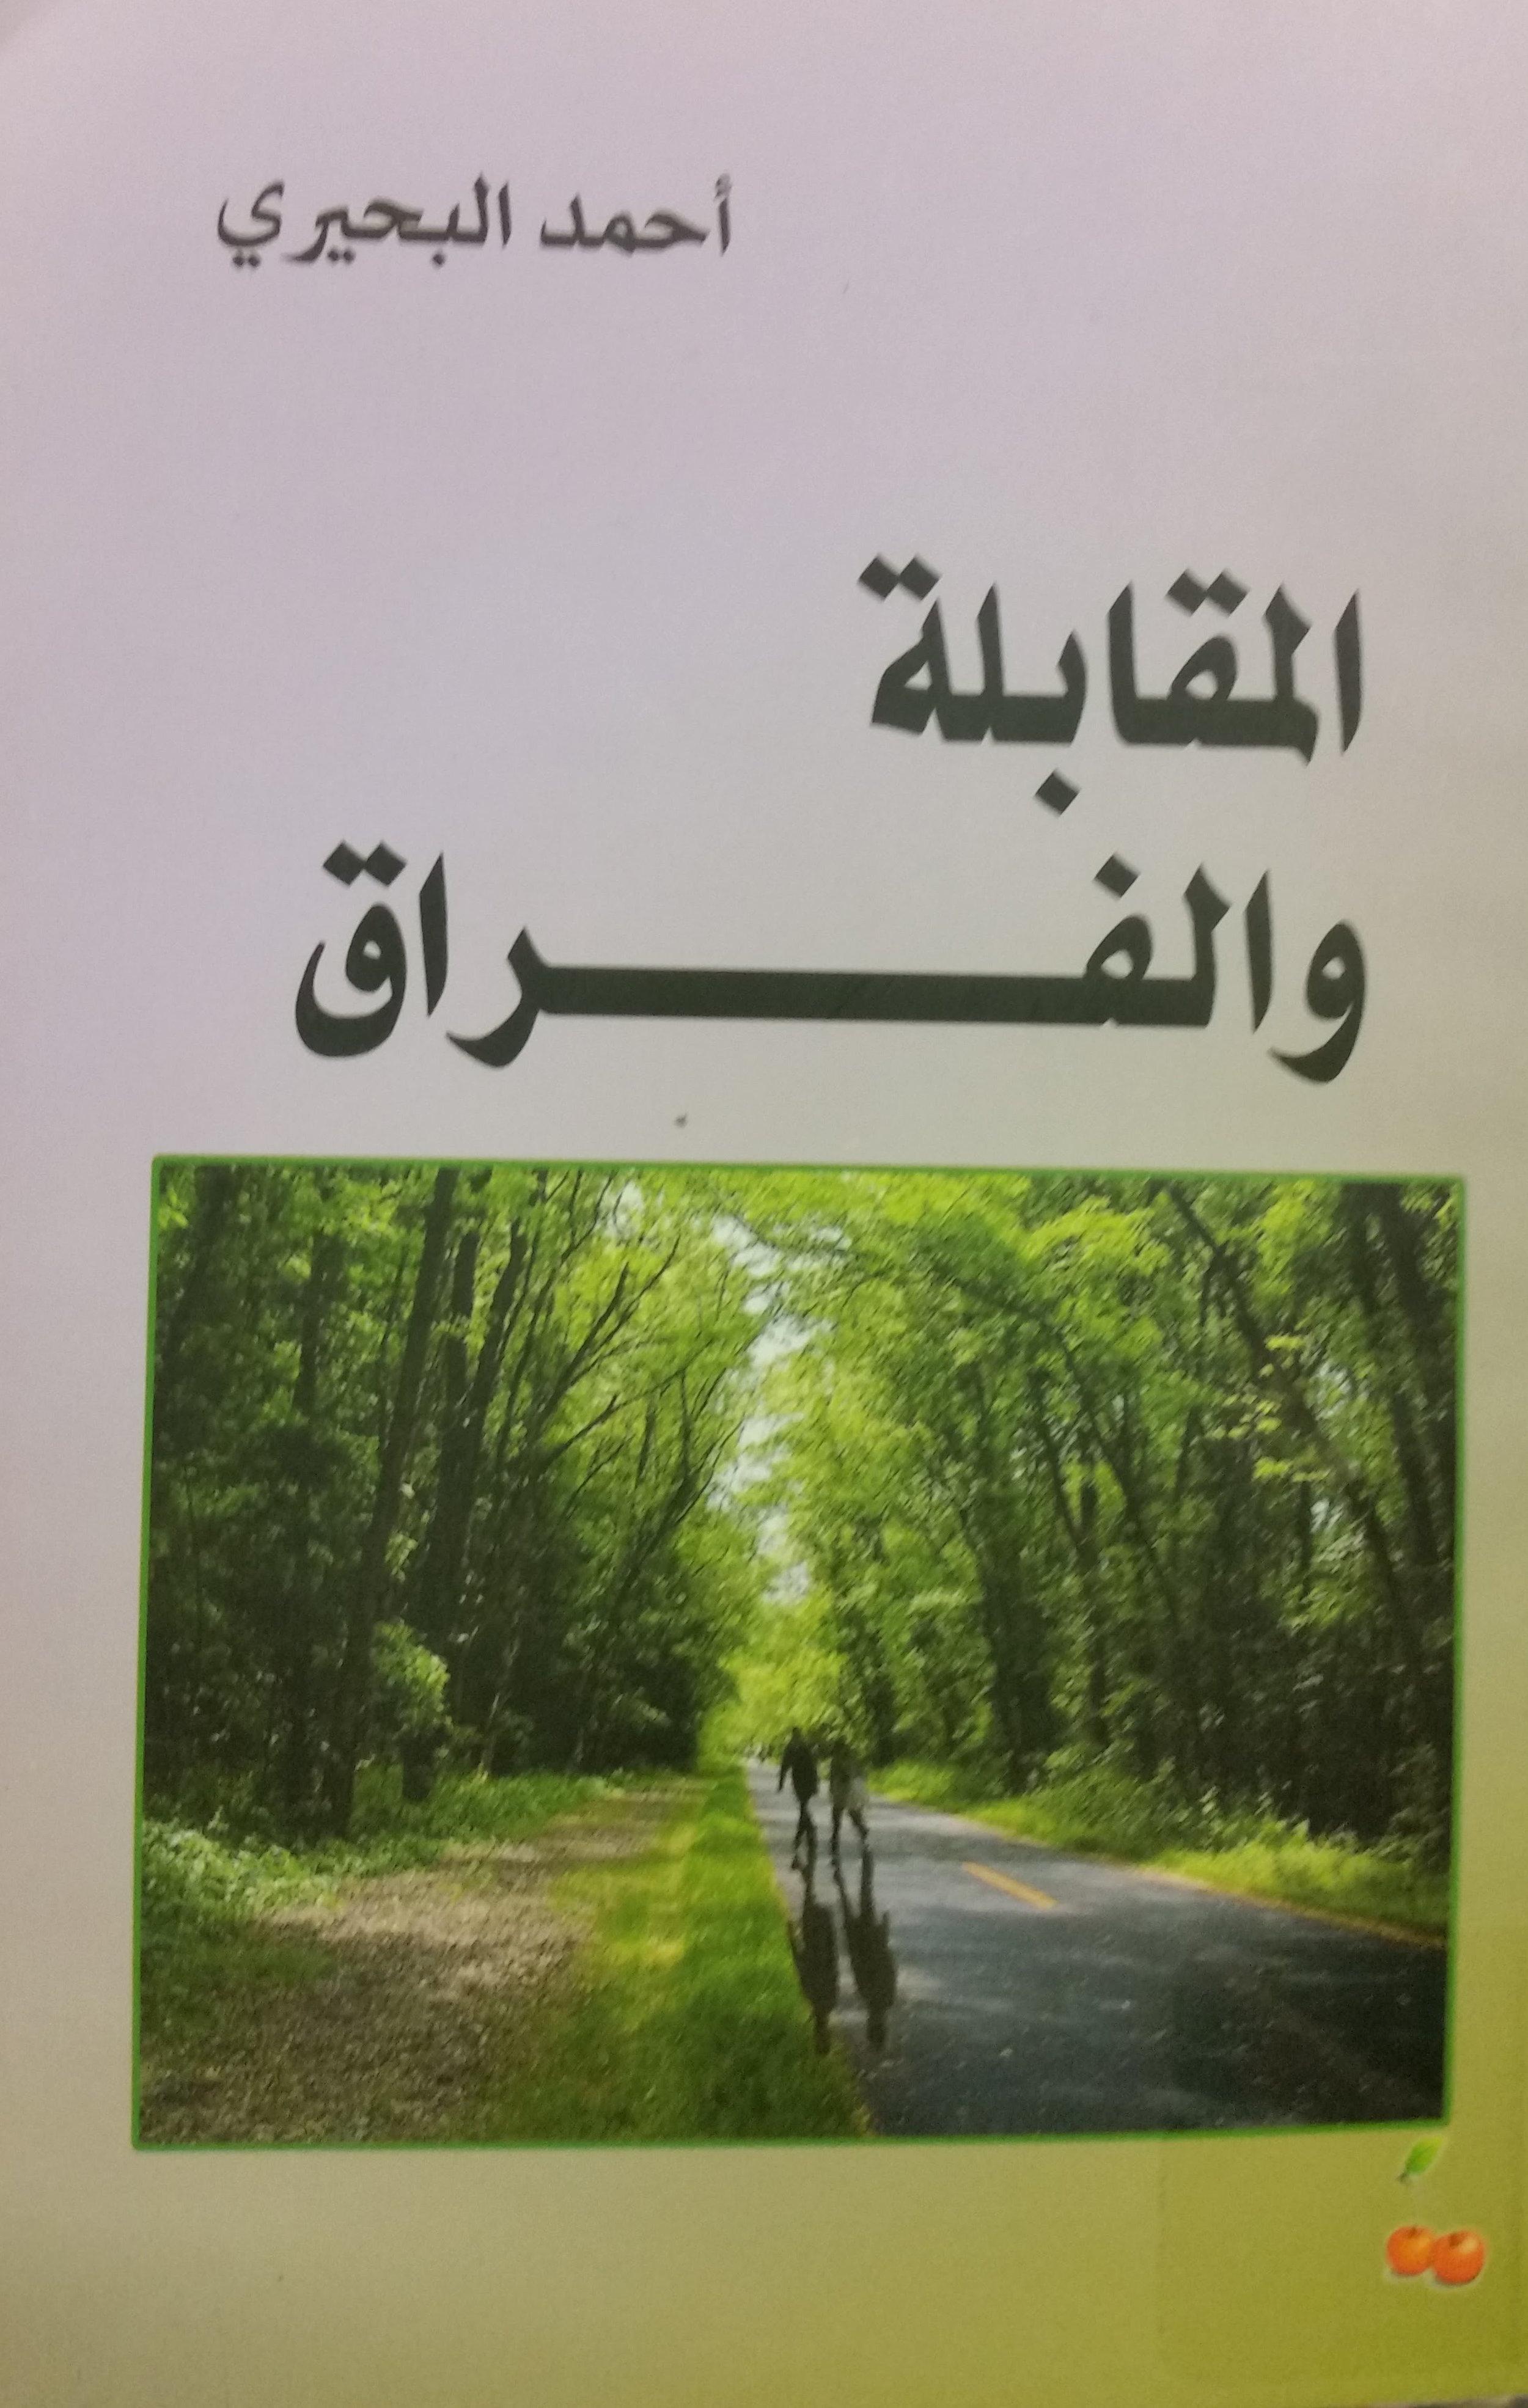 Aḥmad al-Buḥayrī,  al-Muqābalah wa-l-Firāq (Miṣr al-Jadīdah [Cairo] : Dārat al-Karz li-l-Nashr wa-l-Tawzīʻ, 2012)